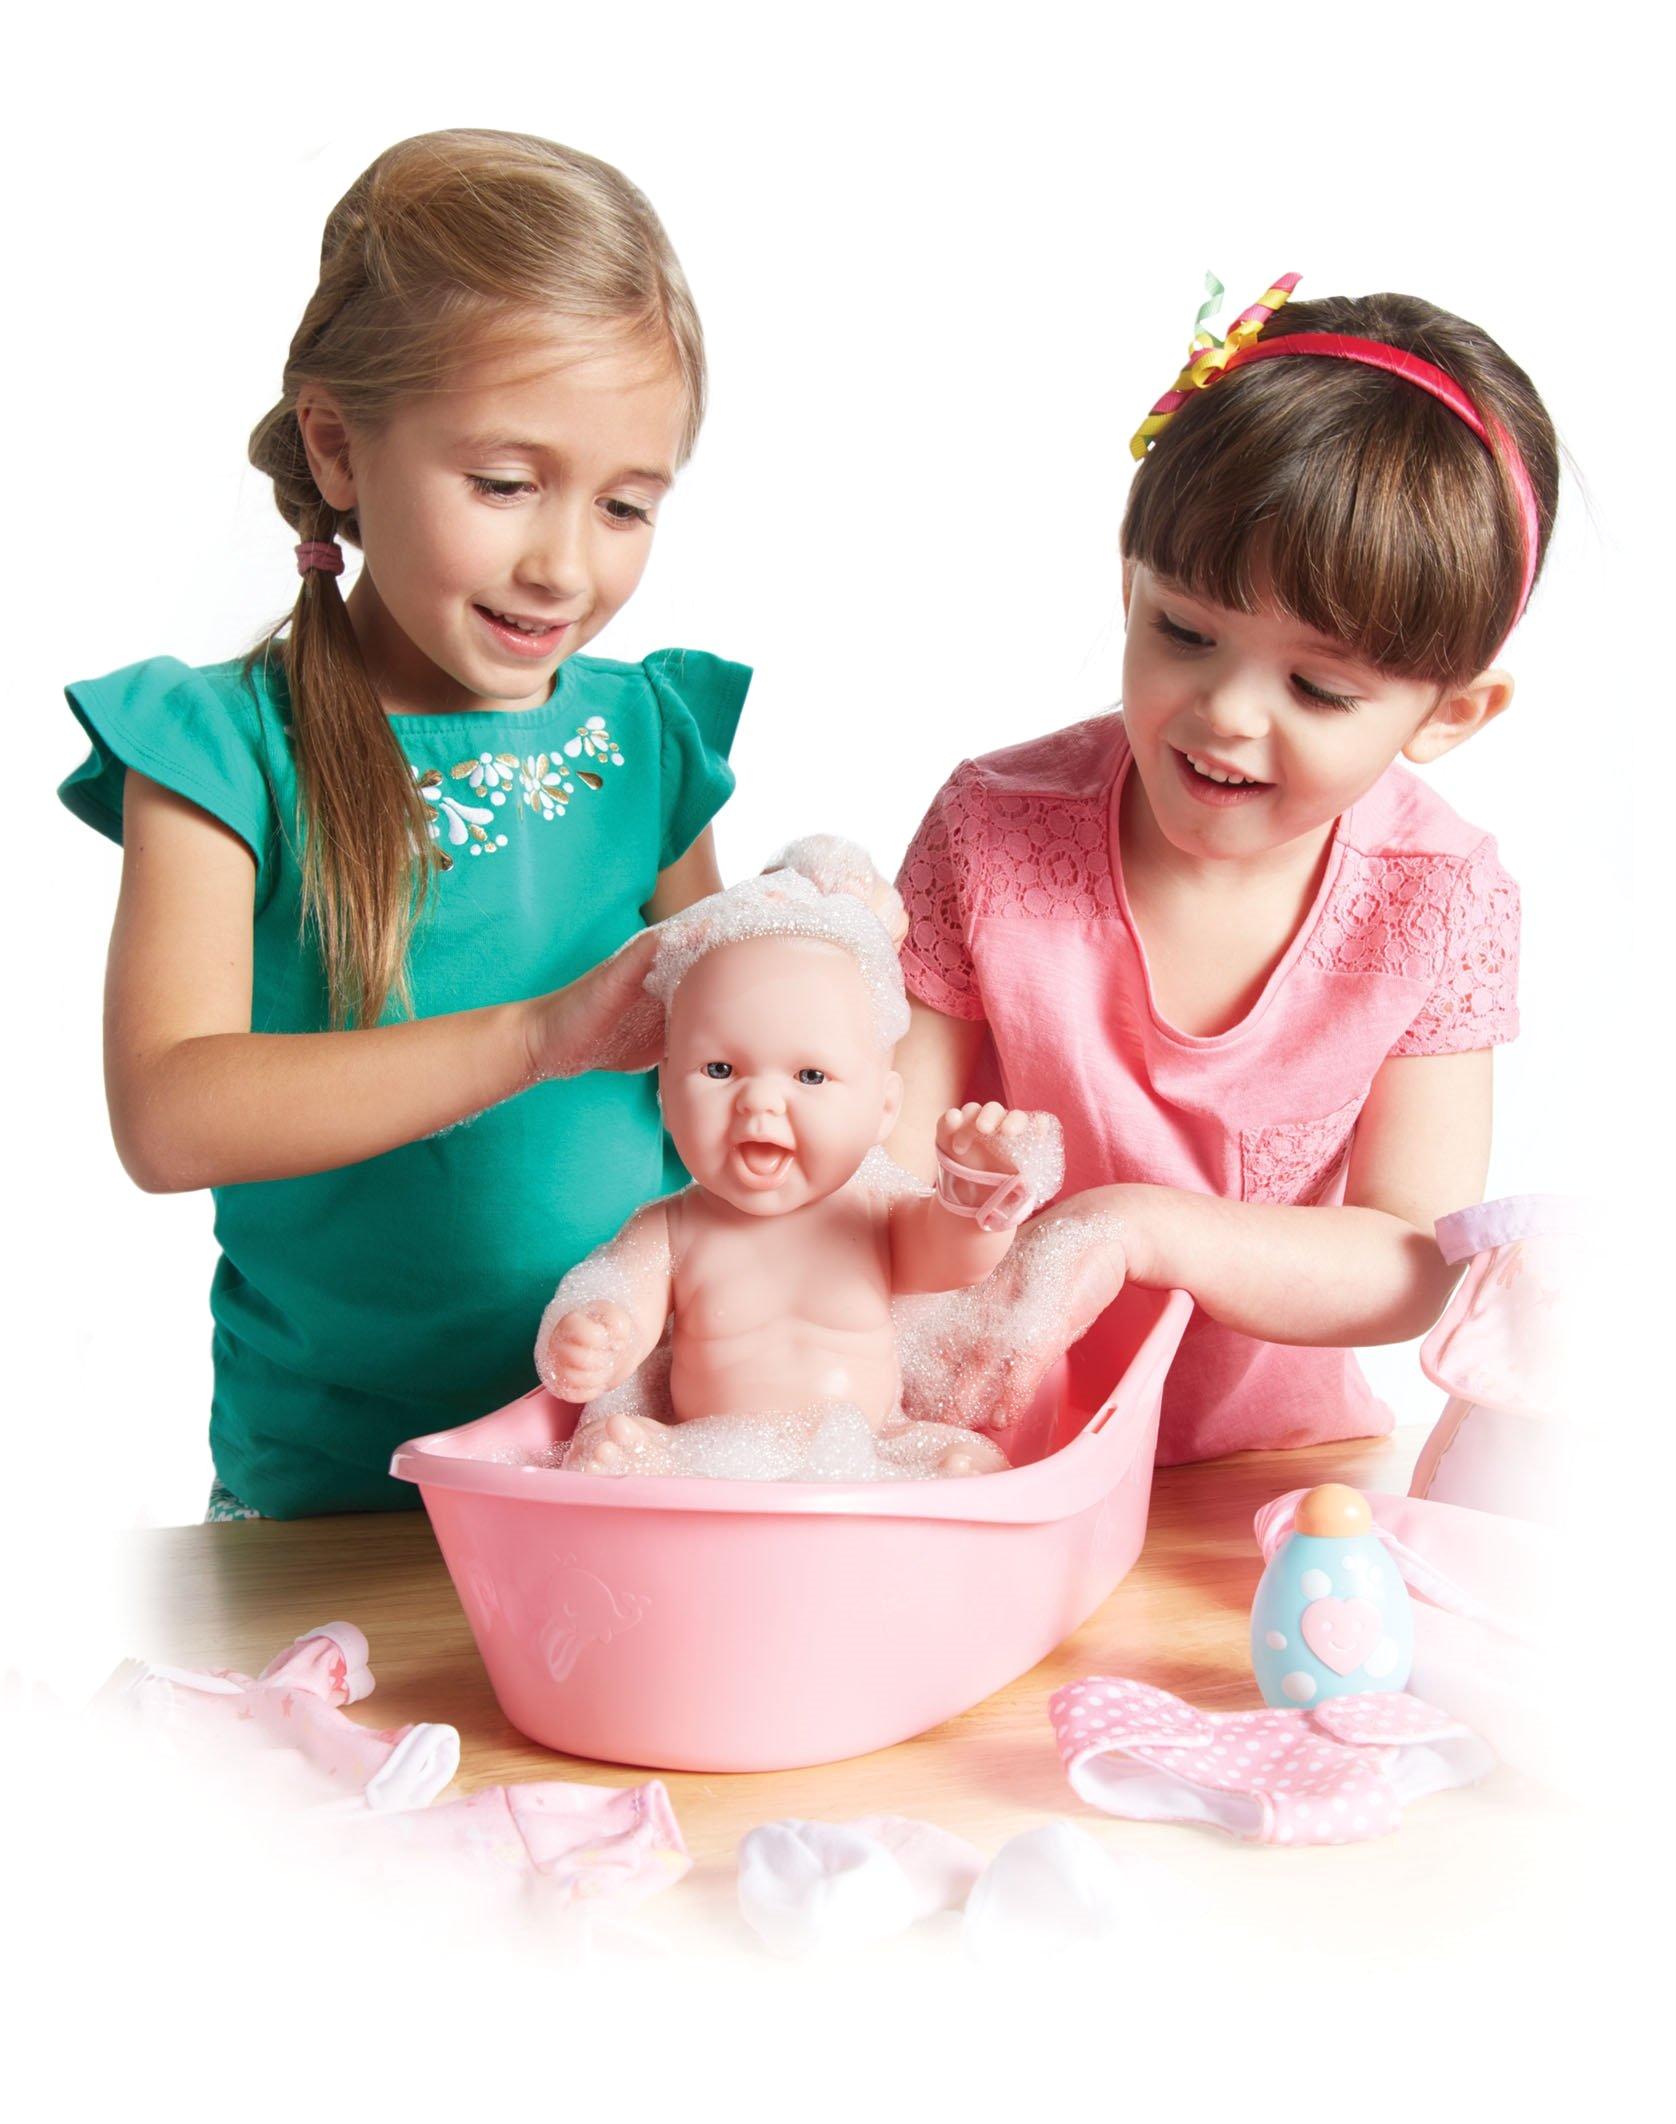 Jc toys Baby Doll Bathtub Jc toys La Newborn Realistic Baby Doll Bathtub Gift Set